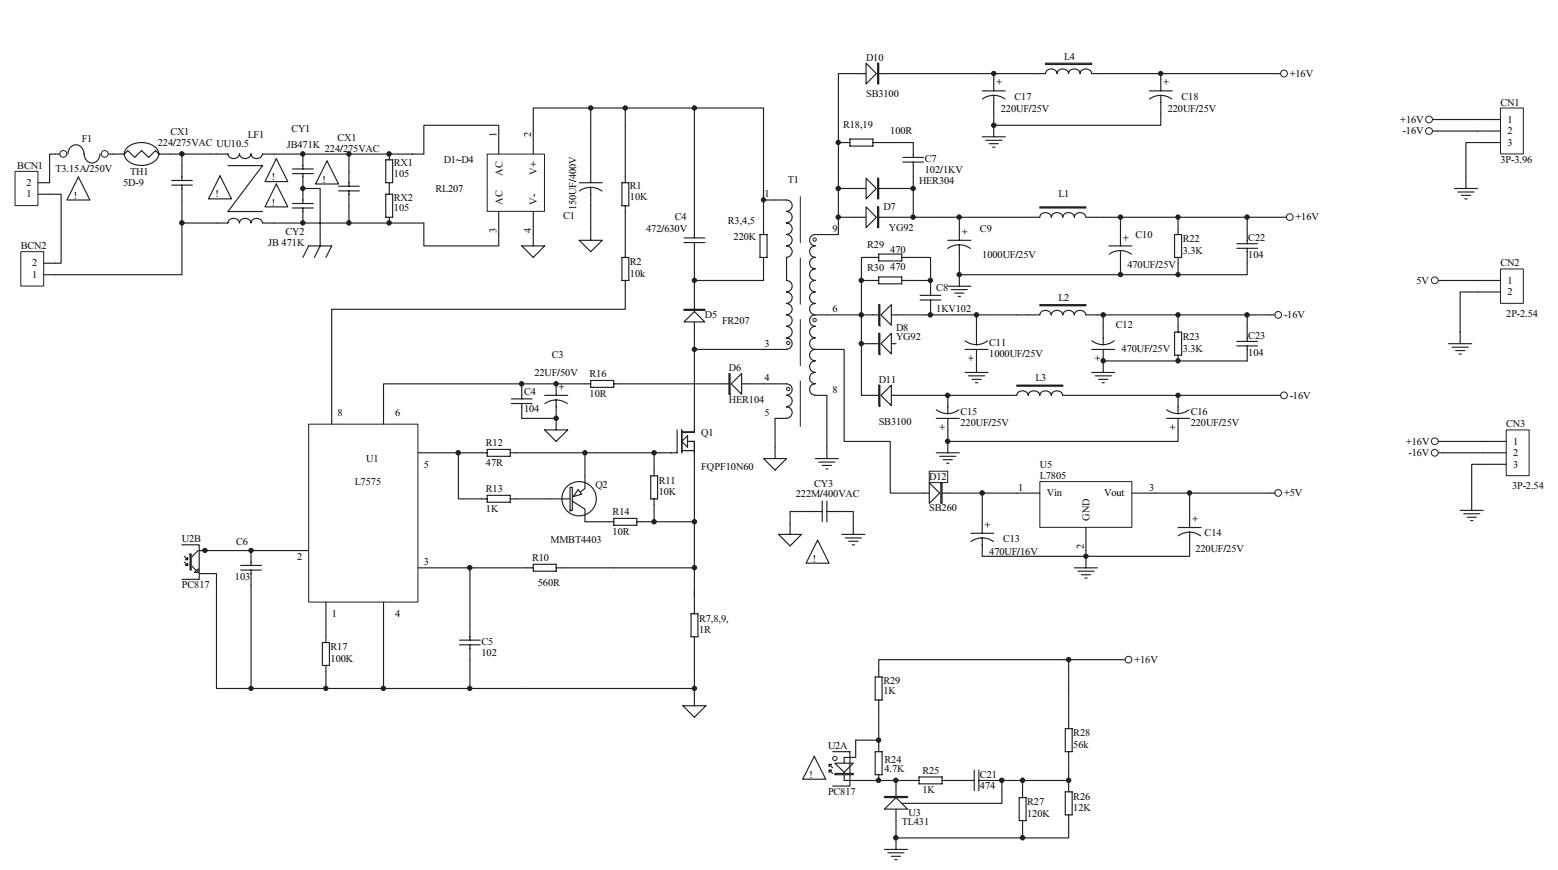 Caixa Mf 580 Usb Fm Schematic Tda2030a Lm833 Cd4558 Circuit Diagram